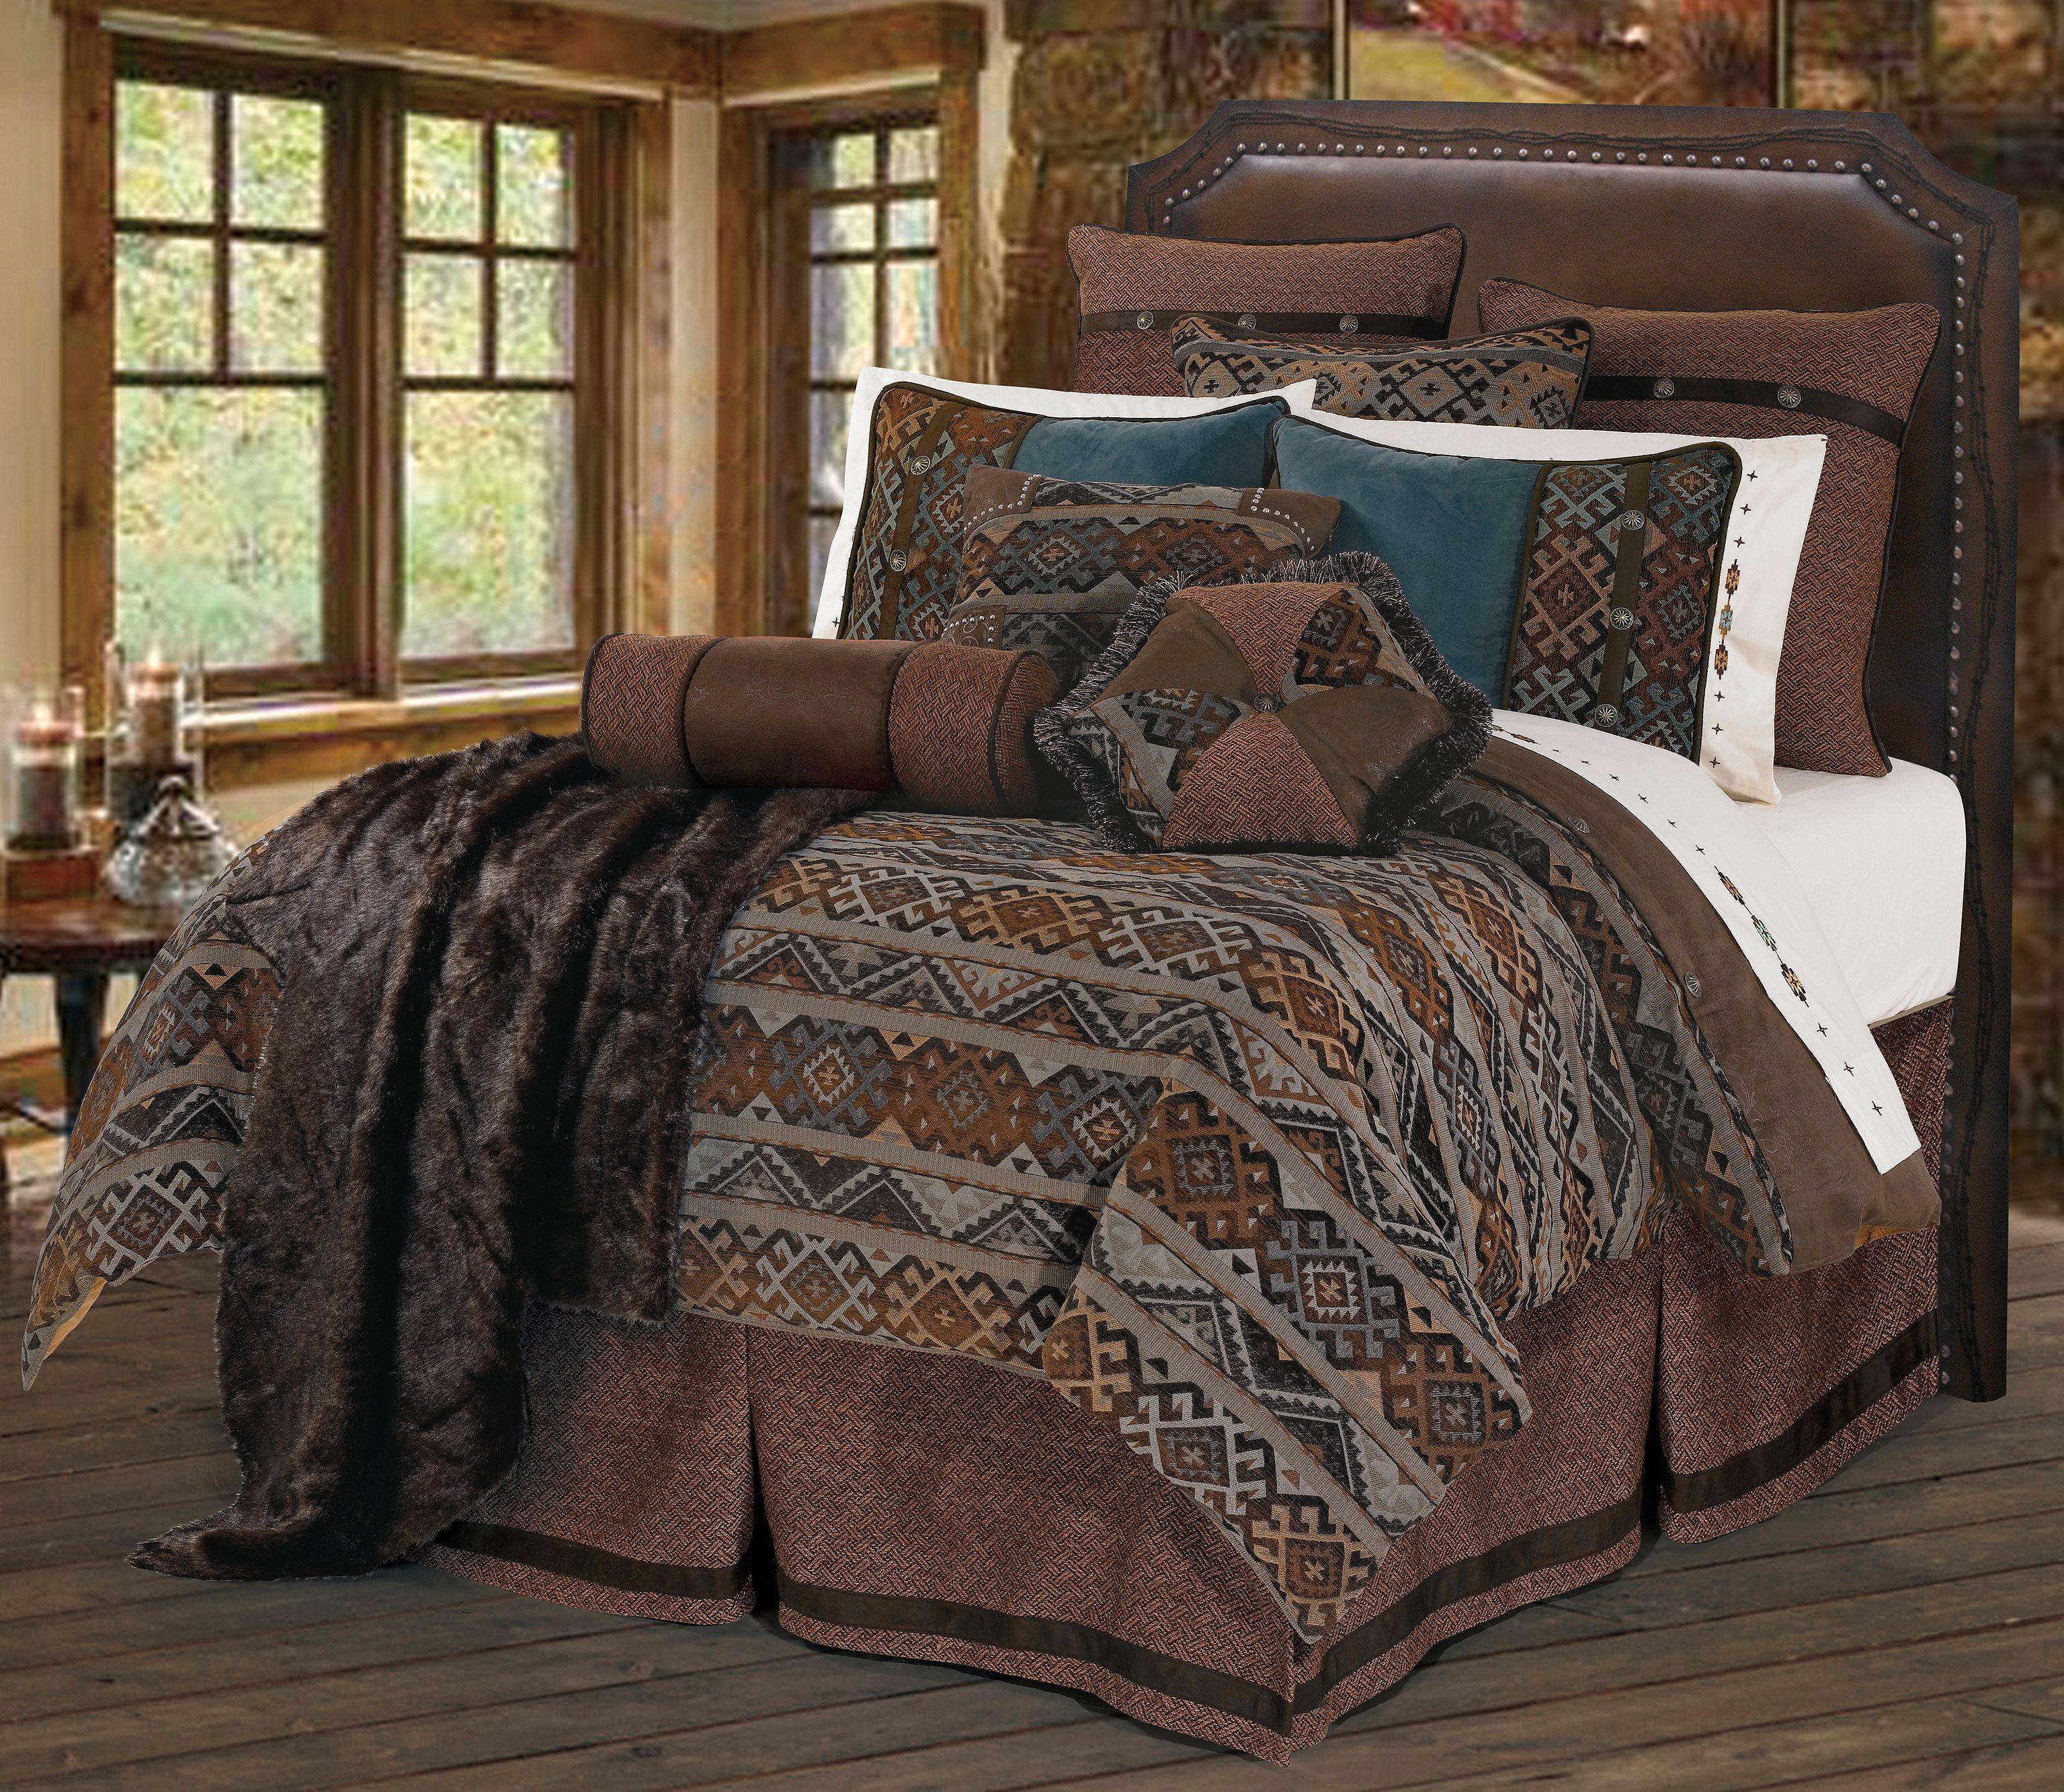 HiEnd Accents Rio Grande King Bedding Set, Multi, Hi Res